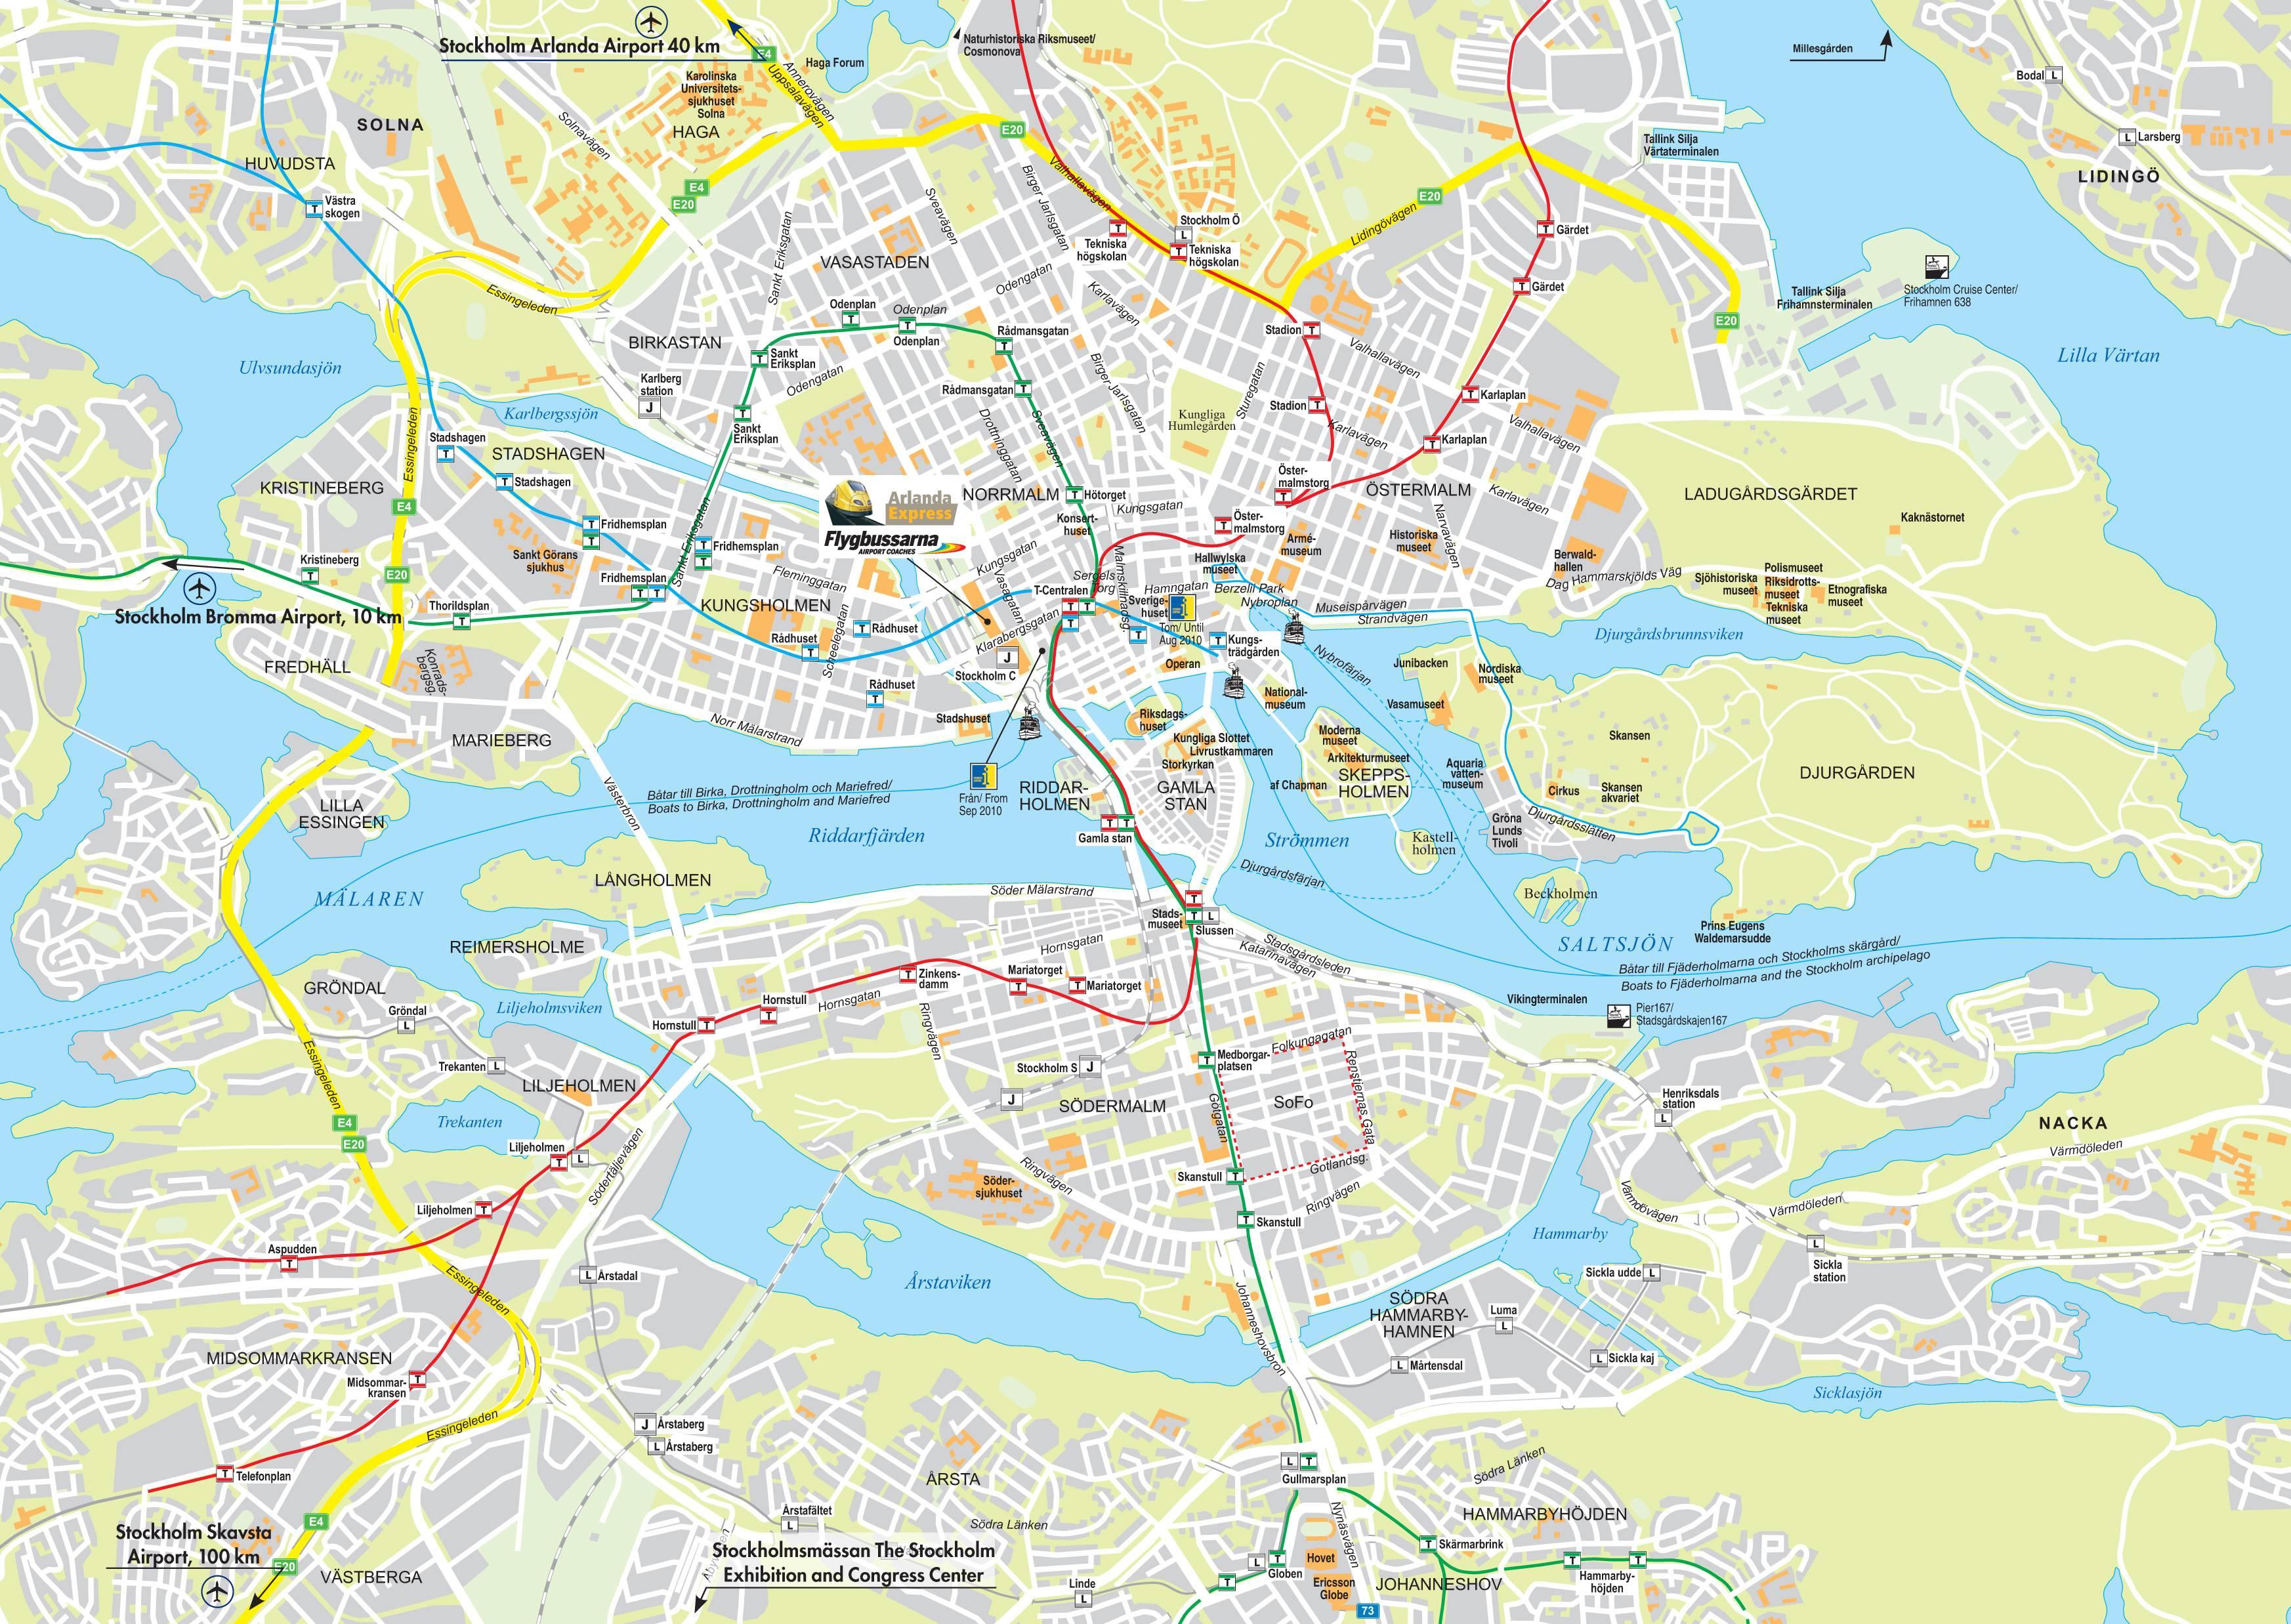 Google Maps - Sweden road map download